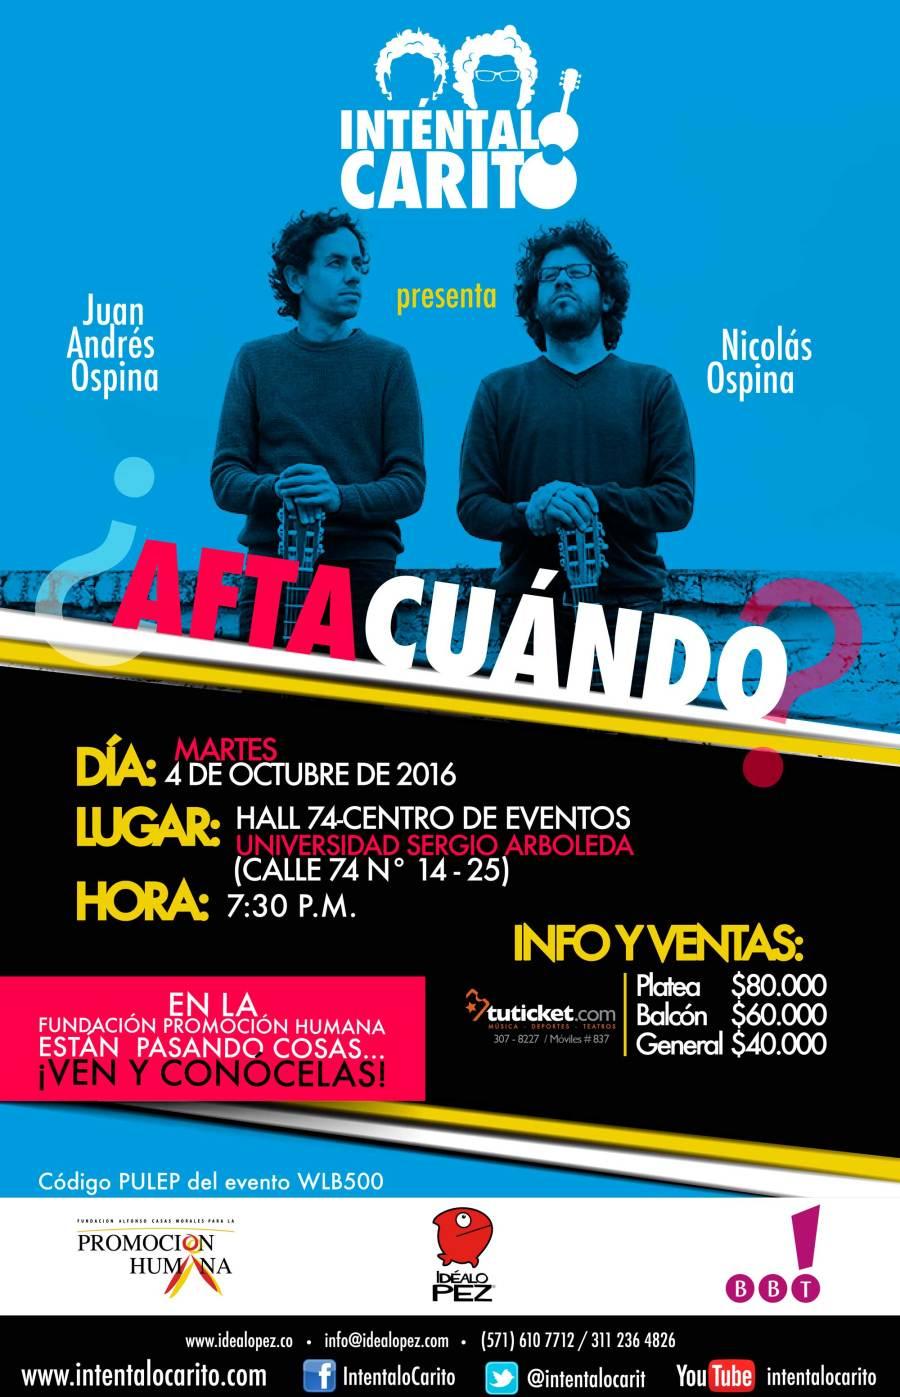 afta-cuando-sergio-arboleda-2-low-res